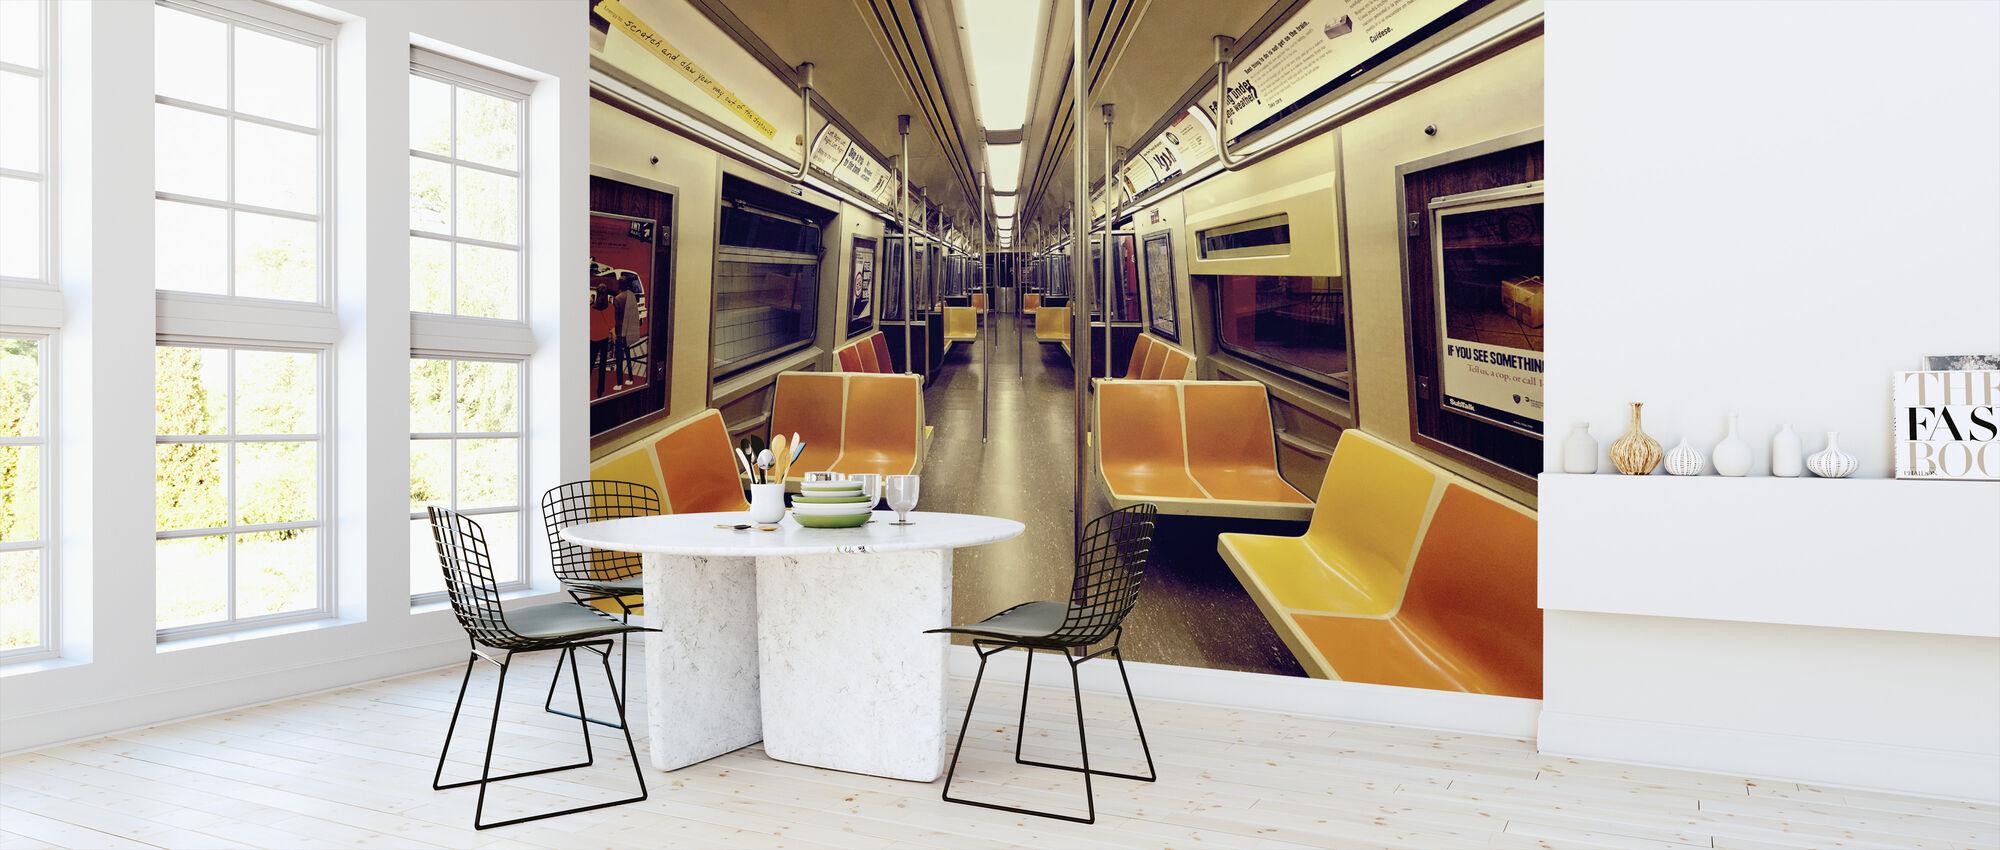 Soul Train - Wallpaper - Kitchen